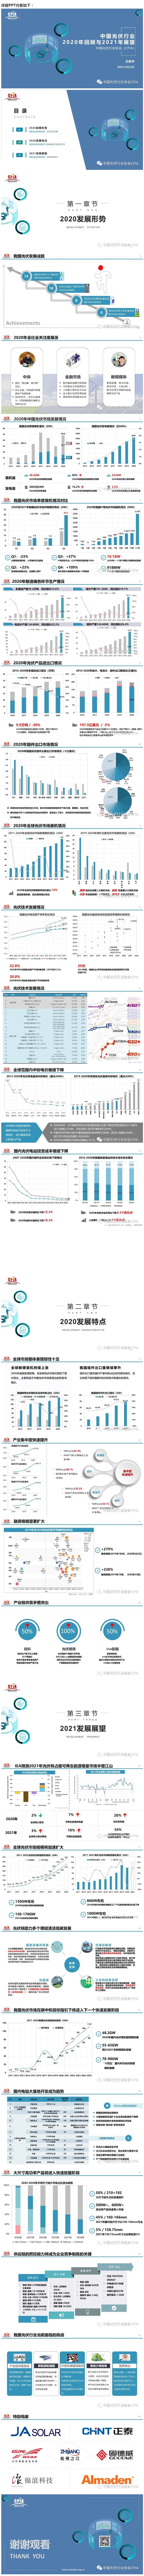 重磅-__-王勃华:光伏行业2020年回顾与2021年展望-(附高清PPT图).jpg